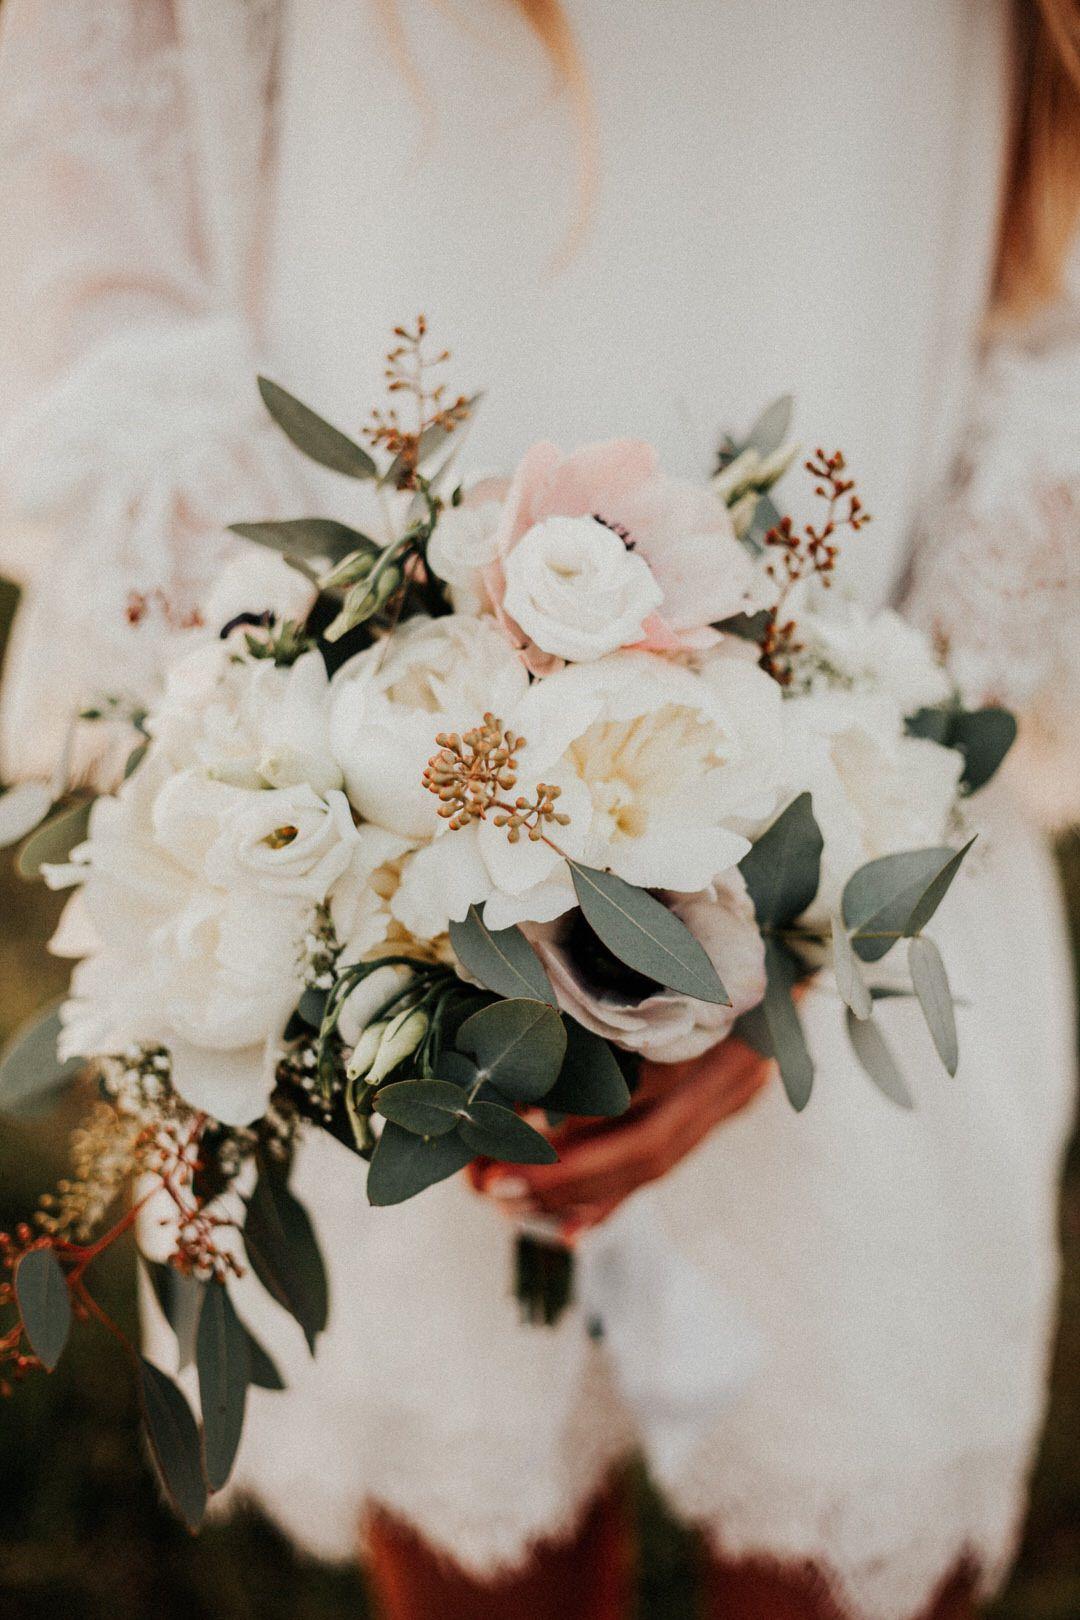 Hochzeitsfotograf aus Limburg - besondere Detailfotografie